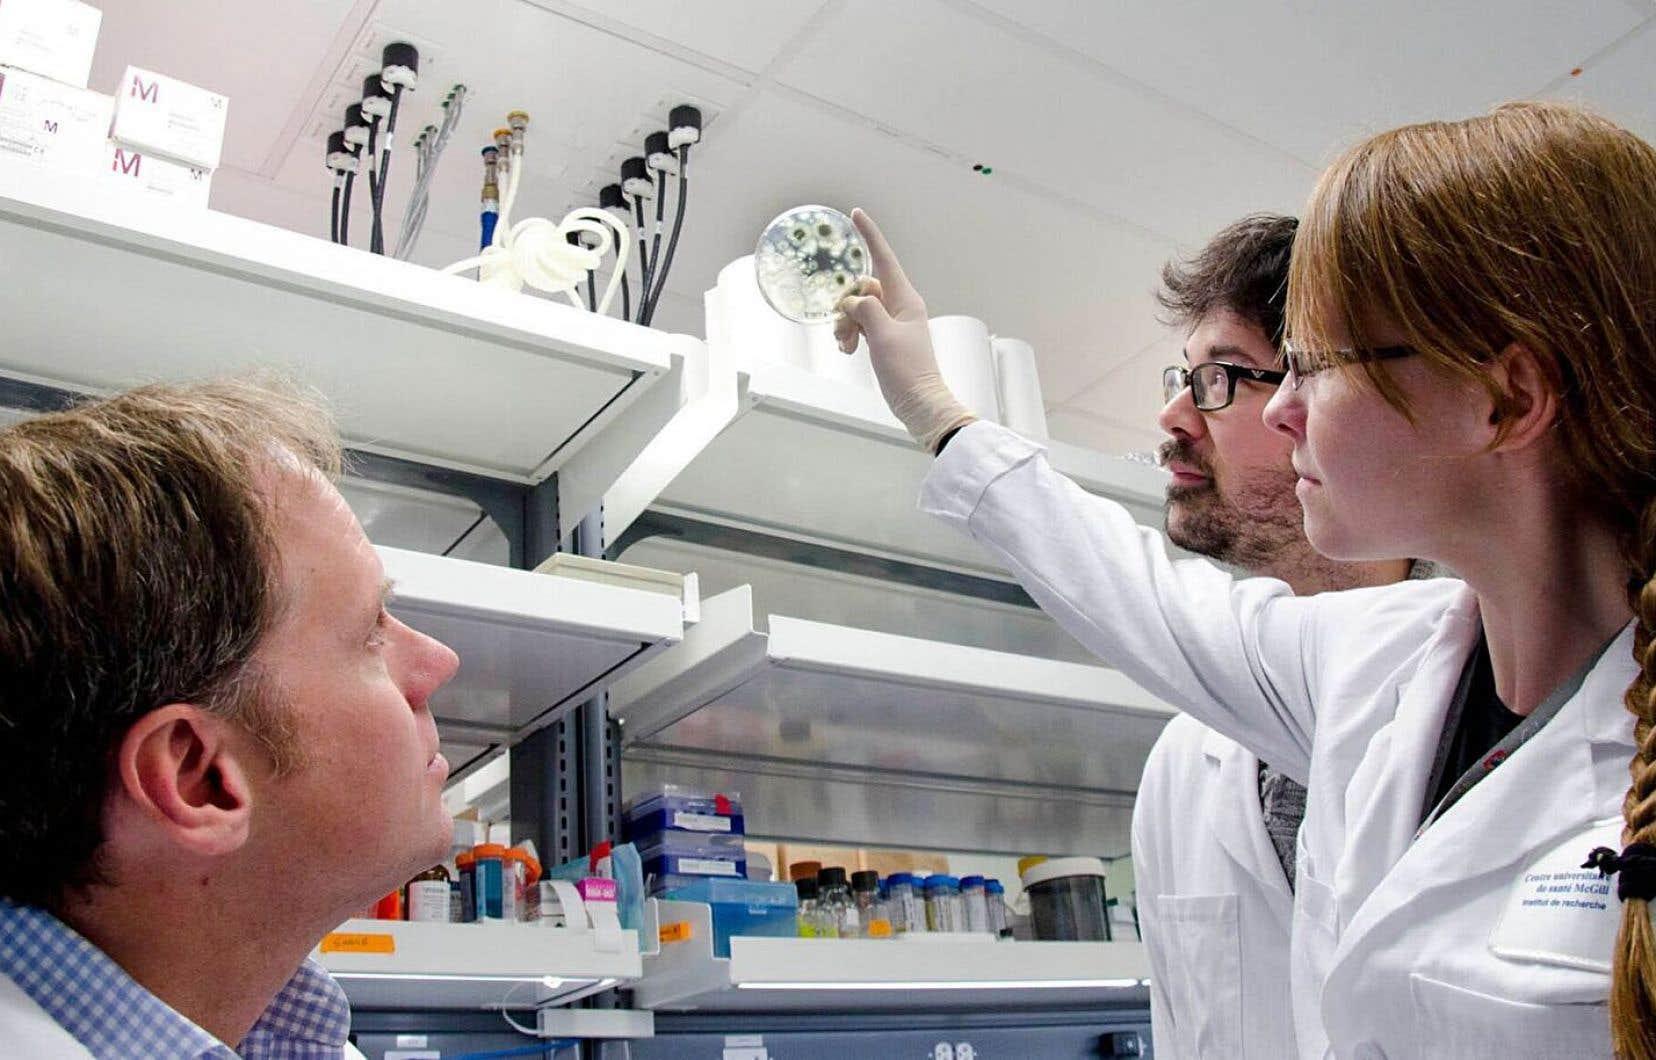 Le Dr Don Sheppard, du CUSM, en compagnie du doctorant Brendan Snarr et d'une étudiante, travaille depuis 10 ans à percer l'armure des bactéries à biofilms.